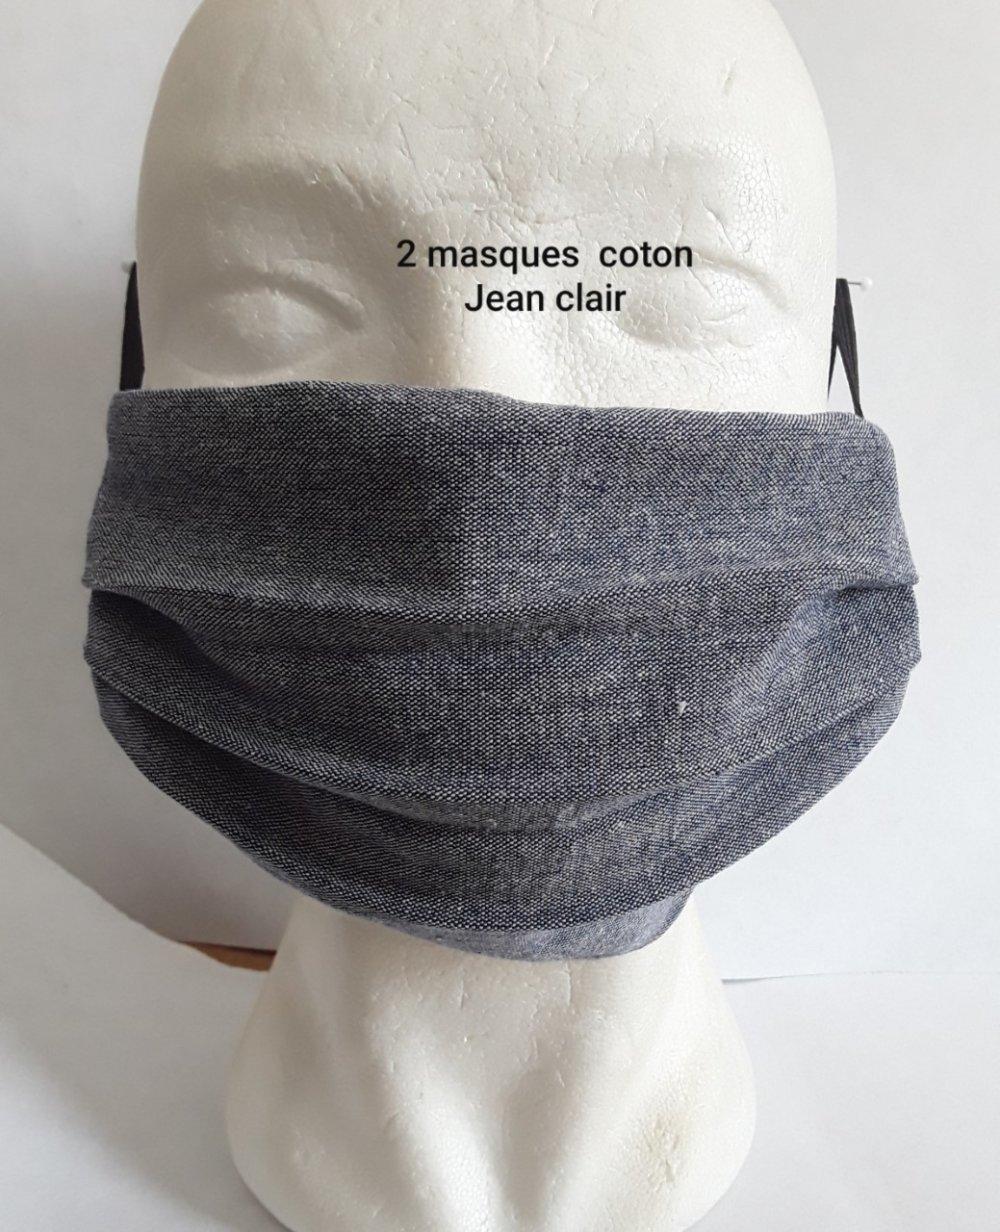 Masque de visage, faciale,, filtrant, poche, pour filtre a café, réutilisable, coton jeans clair, lavable 40 degrés, lot 2 masques